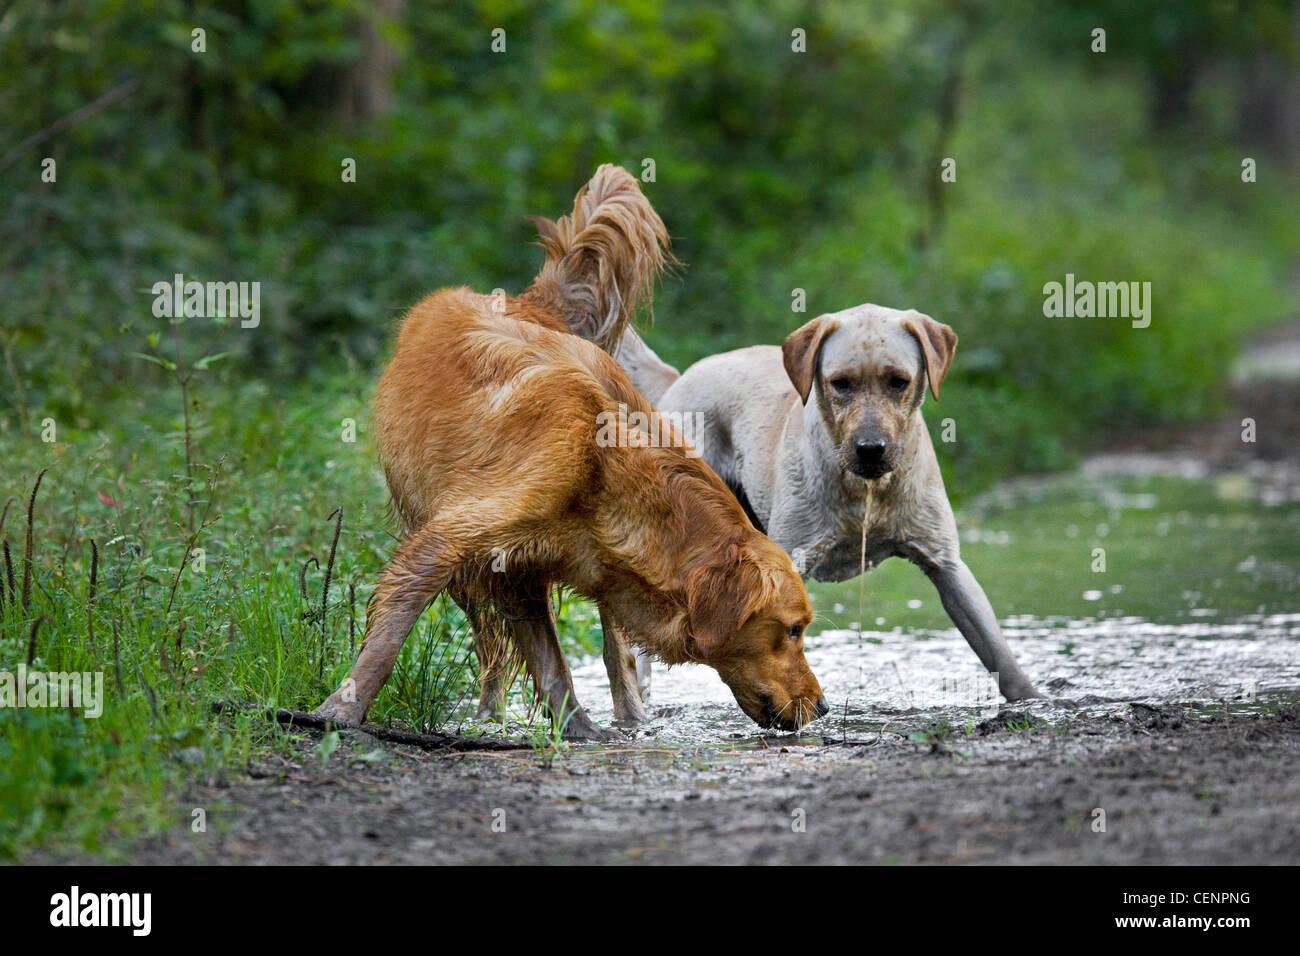 Sed y labrador Golden Retriever perros de agua potable del charco lodoso camino de bosque, Bélgica Foto de stock